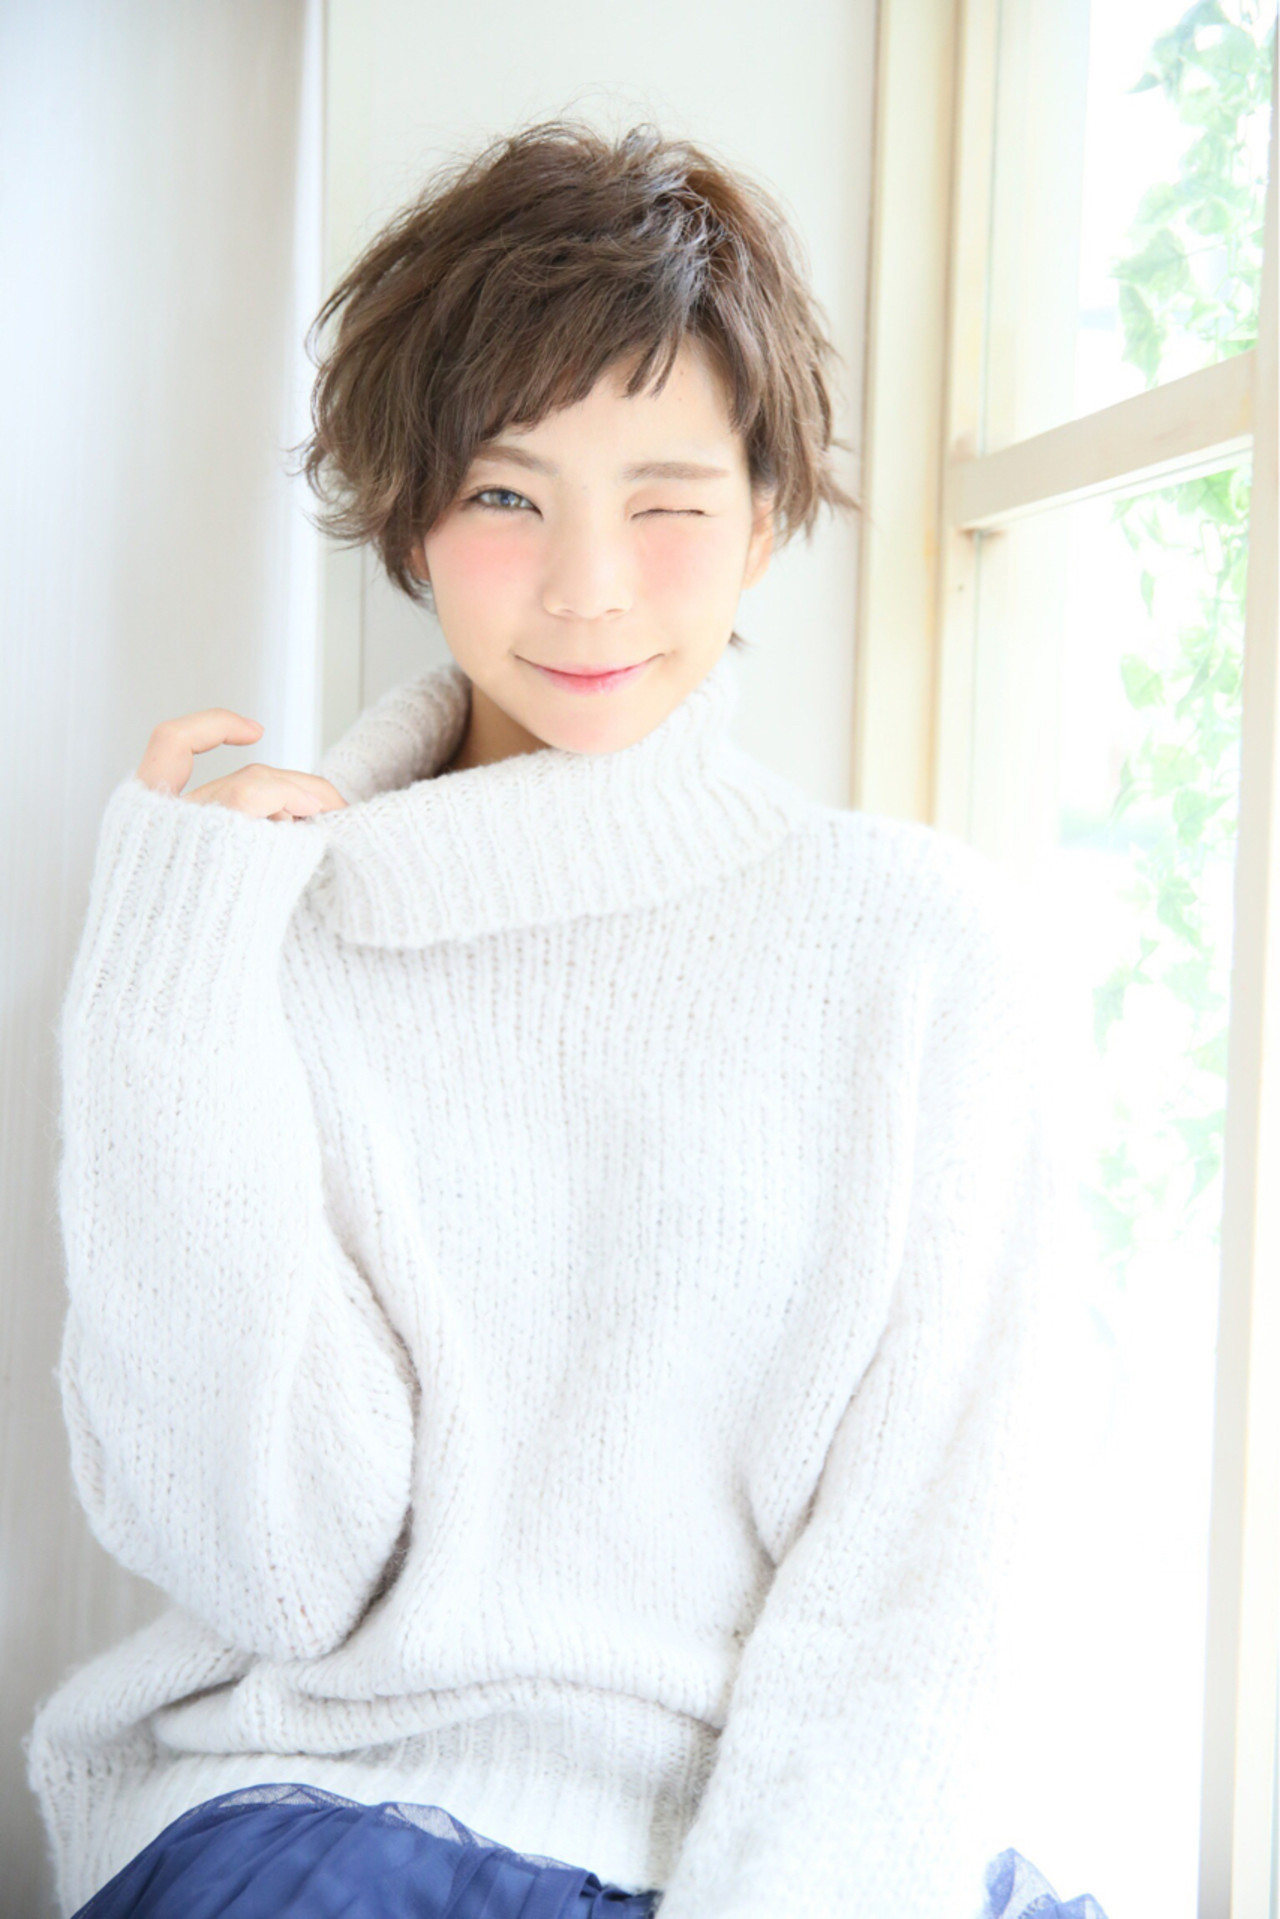 アシメ前髪で髪型チェンジ!周囲と差がつくおしゃれスタイル♡ 柾木 ひかる